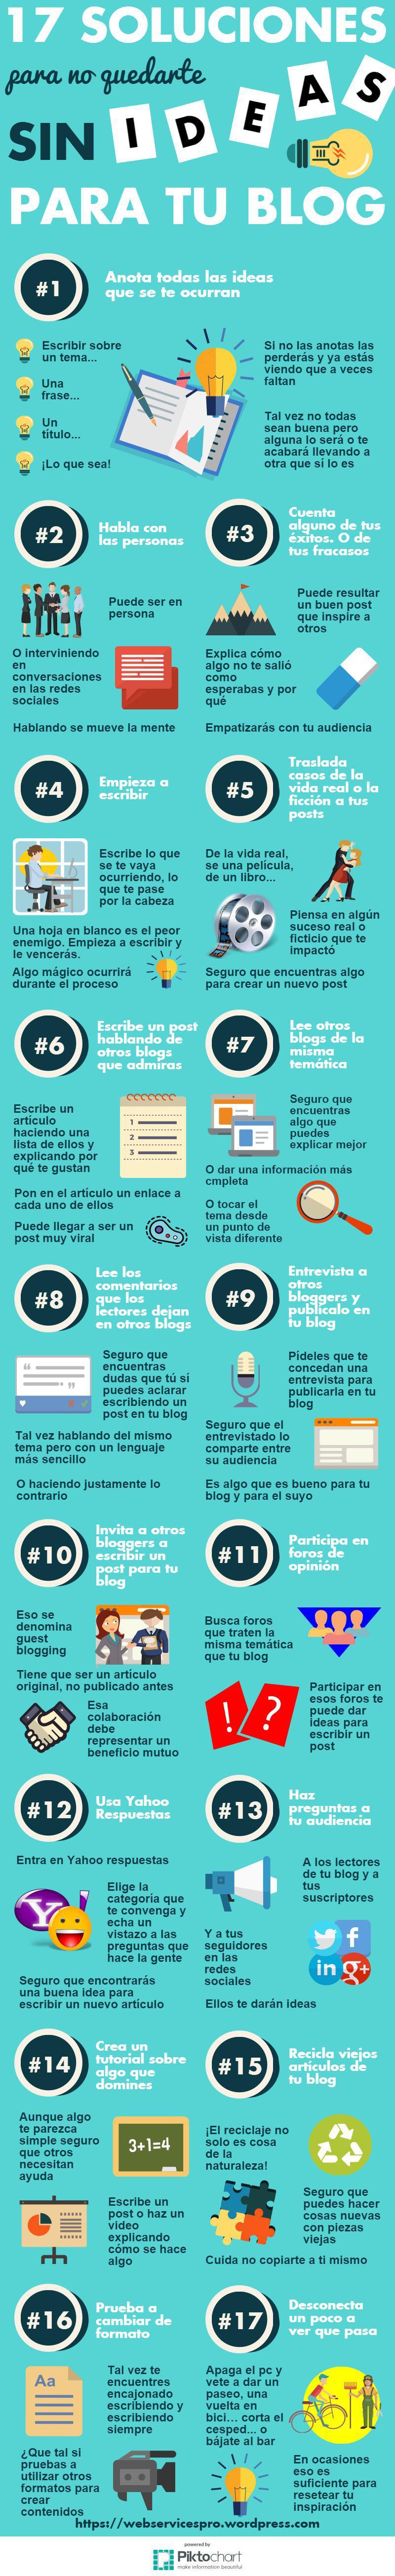 17 Soluciones para no quedarte sin ideas para tu Blog #infografia #infographic #socialmedia